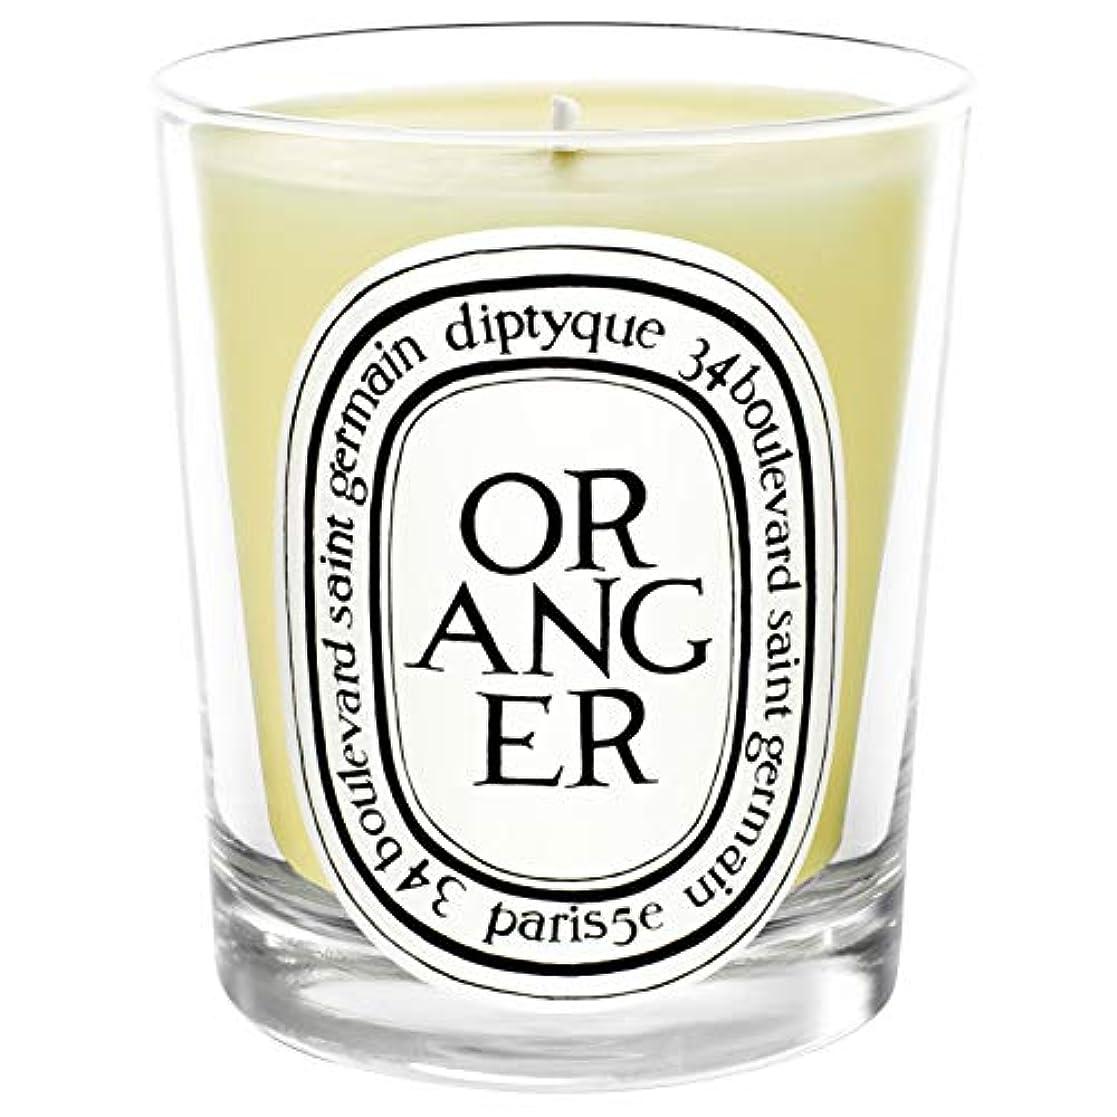 詐欺少なくともオリエンテーション[Diptyque] Diptyqueのオランジェ香りのキャンドル190グラム - Diptyque Oranger Scented Candle 190g [並行輸入品]